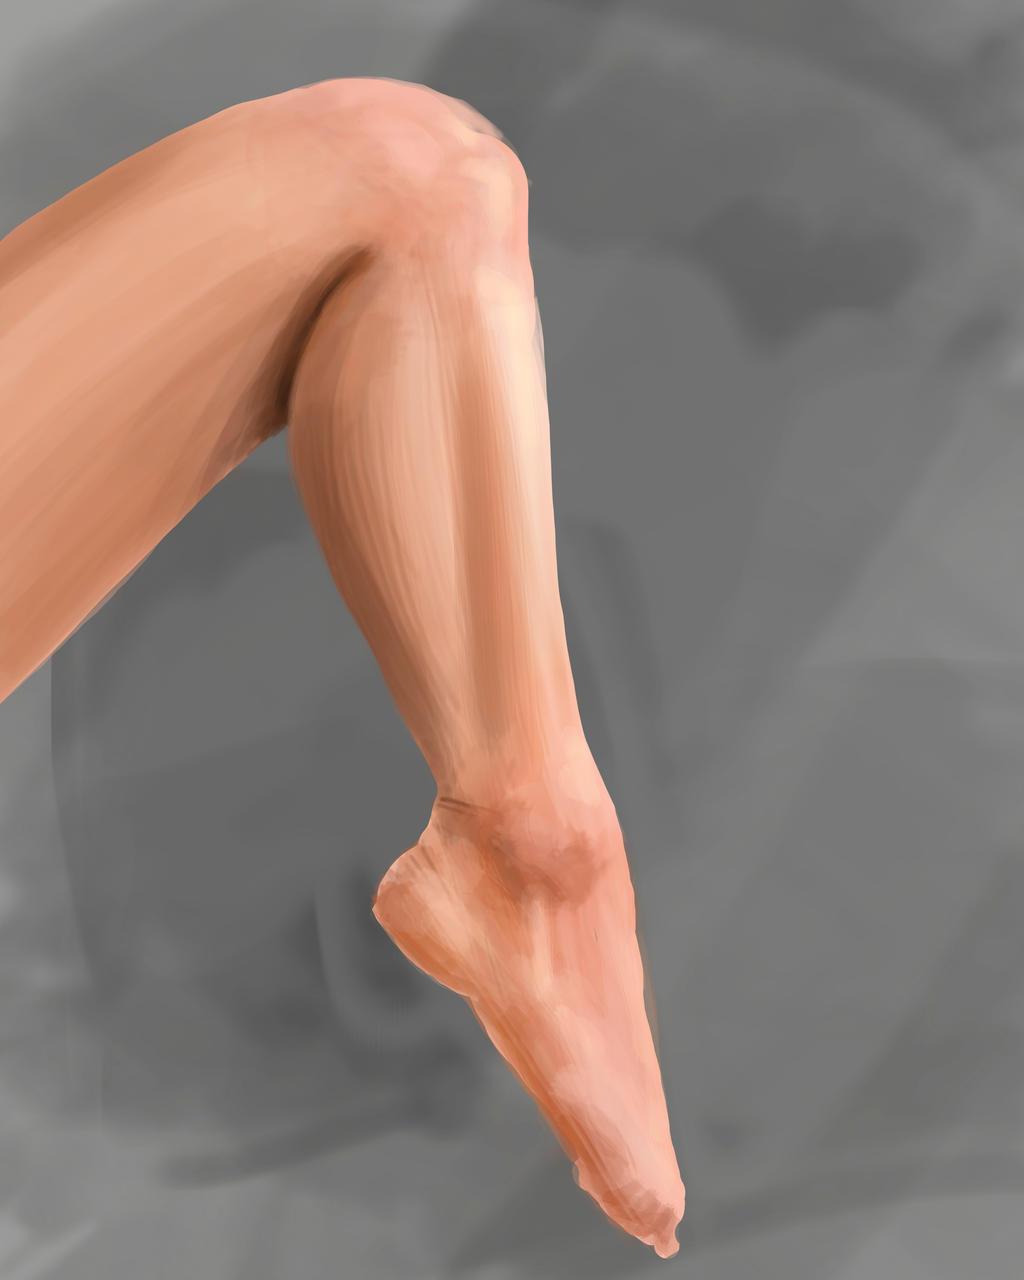 Leg study by MillionPM